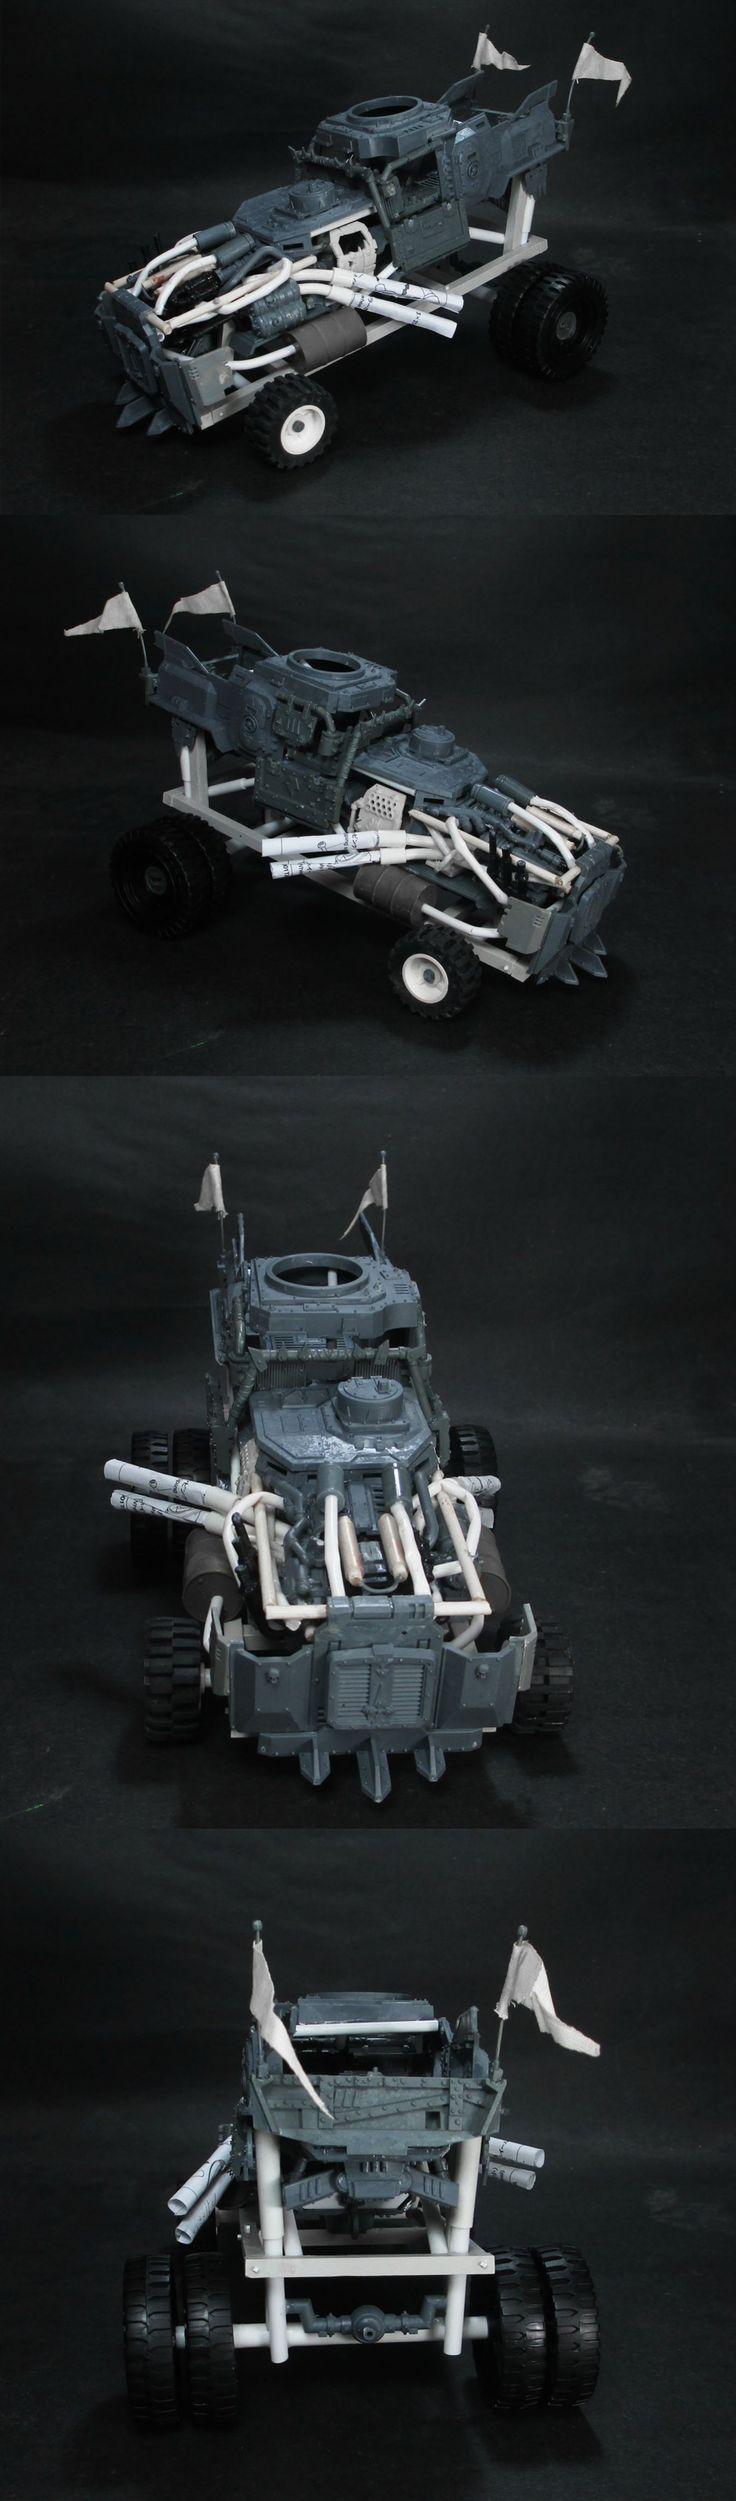 Mis Valientes Guerreros: Mad Max Fury Road aterriza en los tableros!